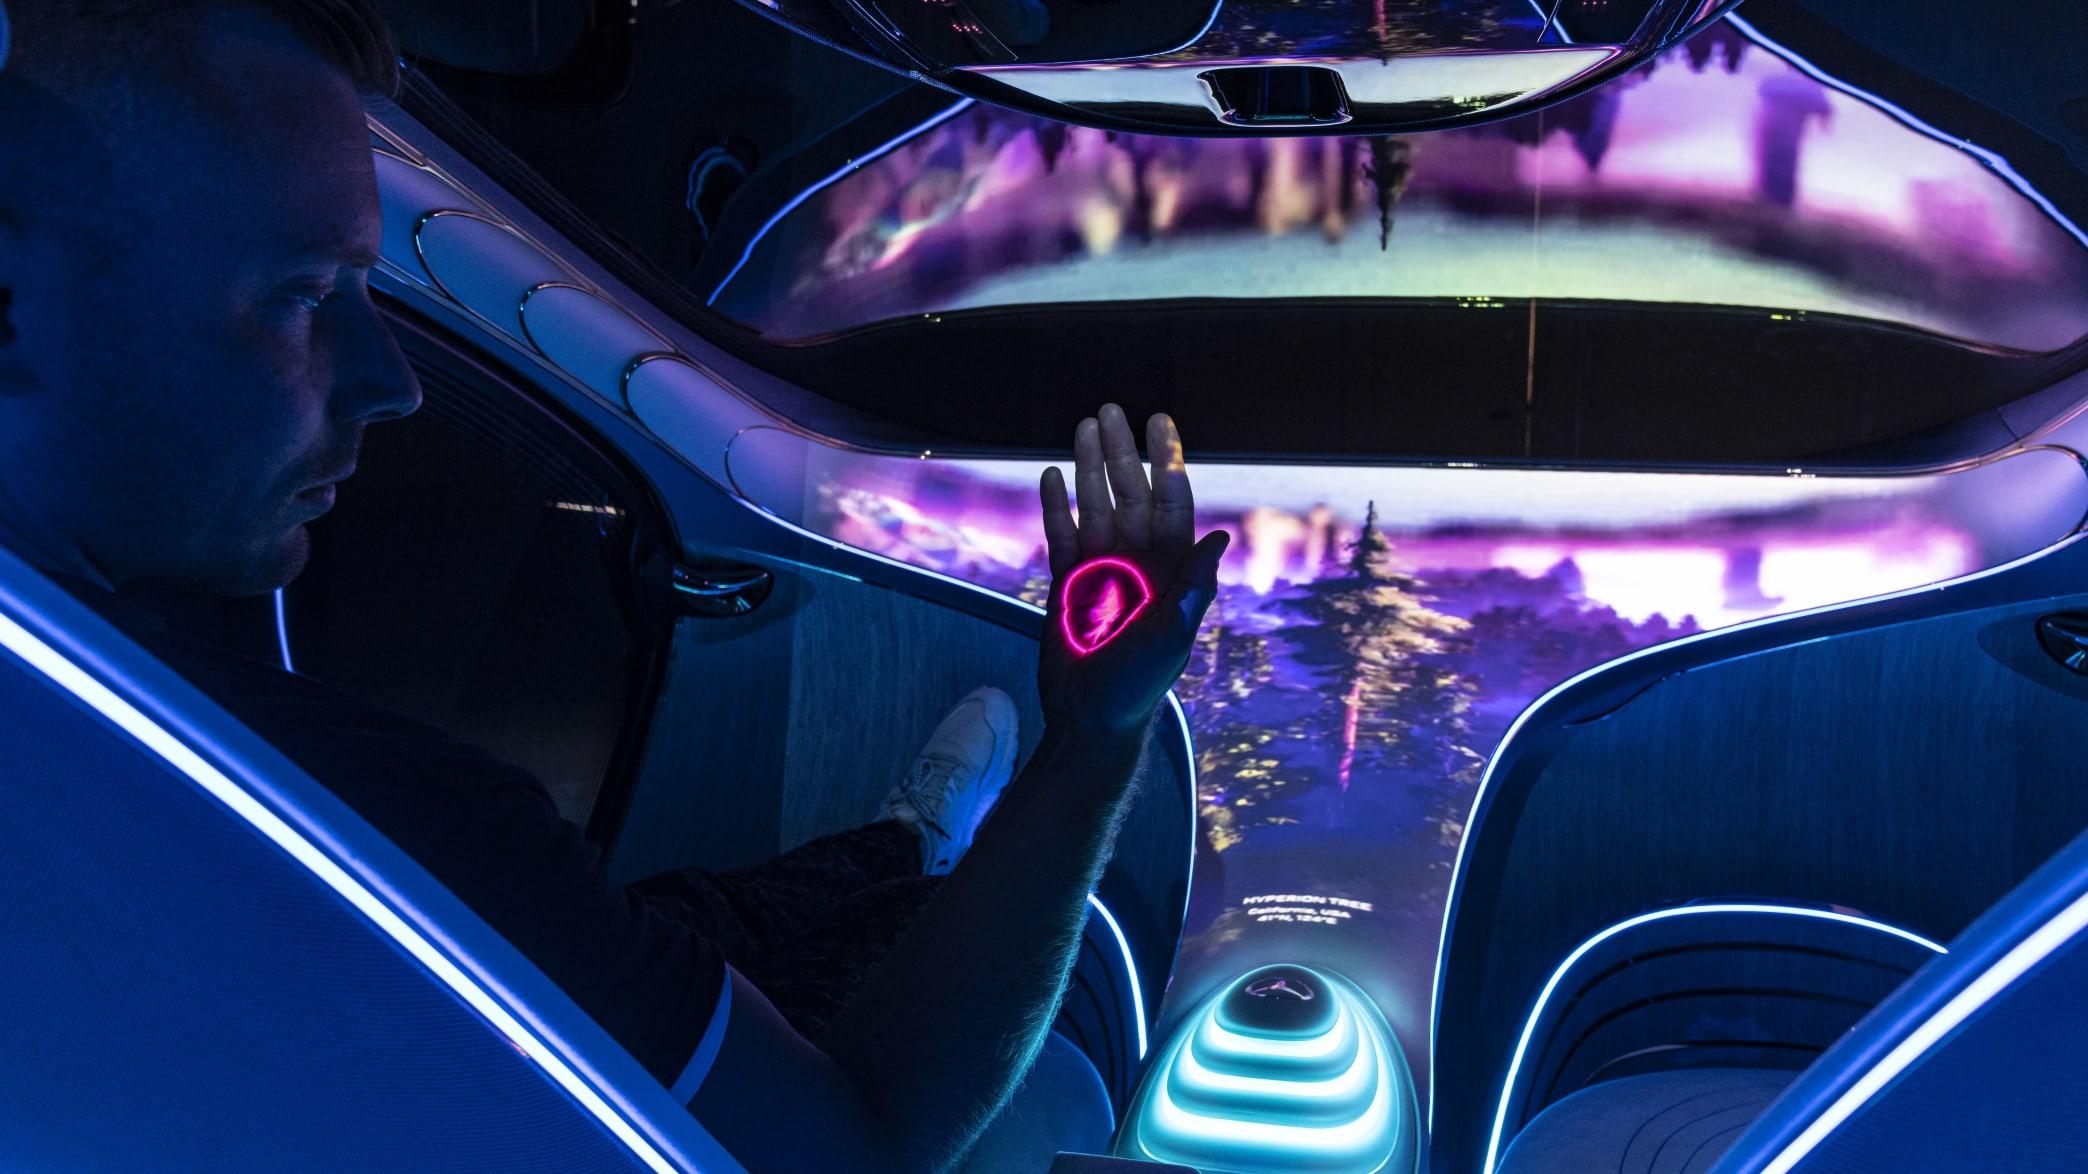 Autor ist begeistert vom Mercedes Vision AVTR Concept Car, ein Auto aus der Zukunft